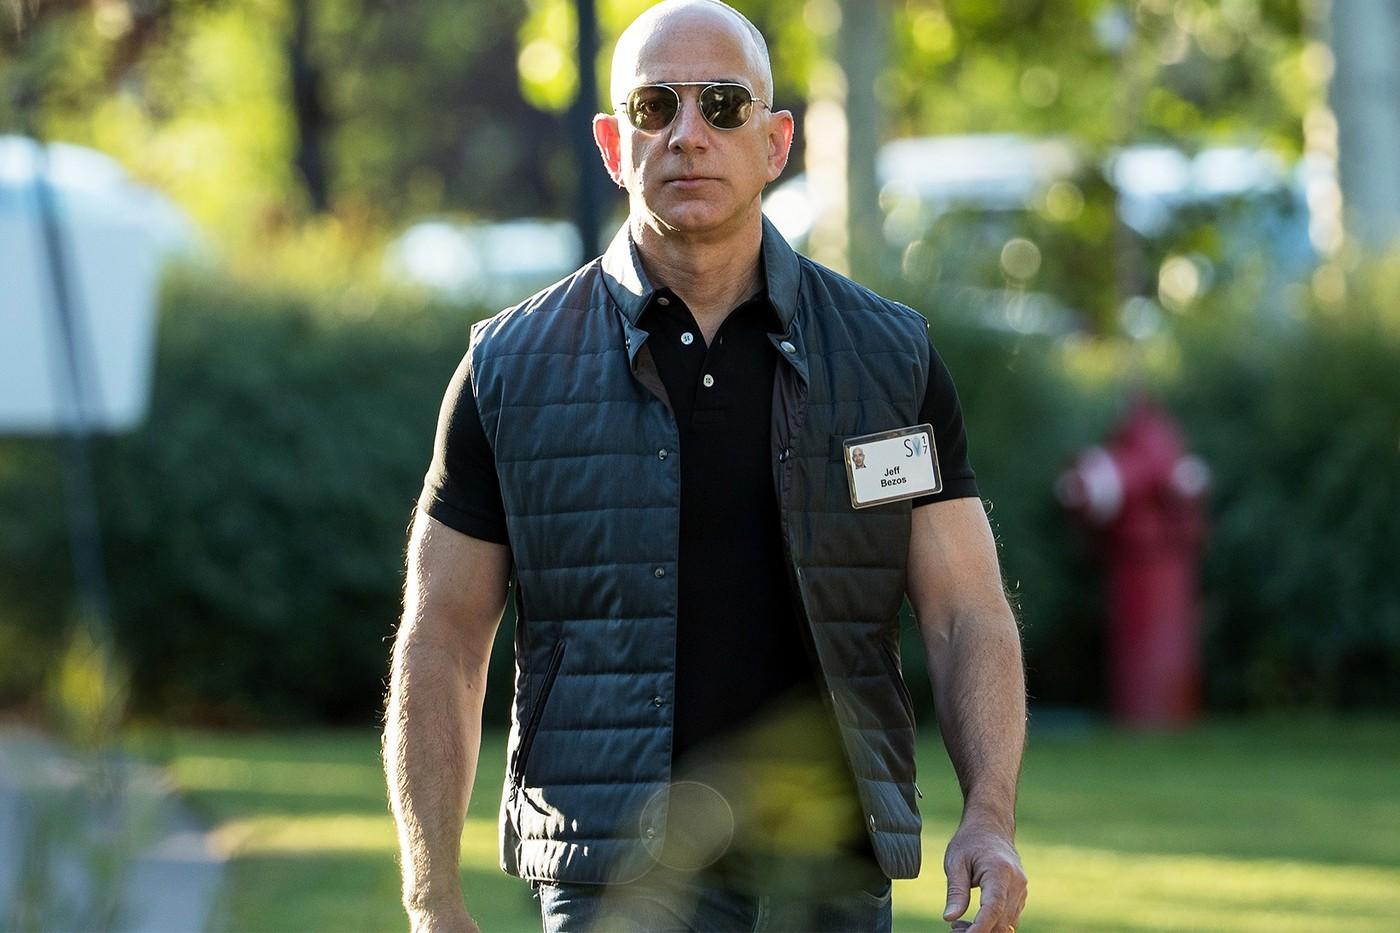 Jeff Bezos计划与兄弟 Mark Bezos一起前往酞空旅行